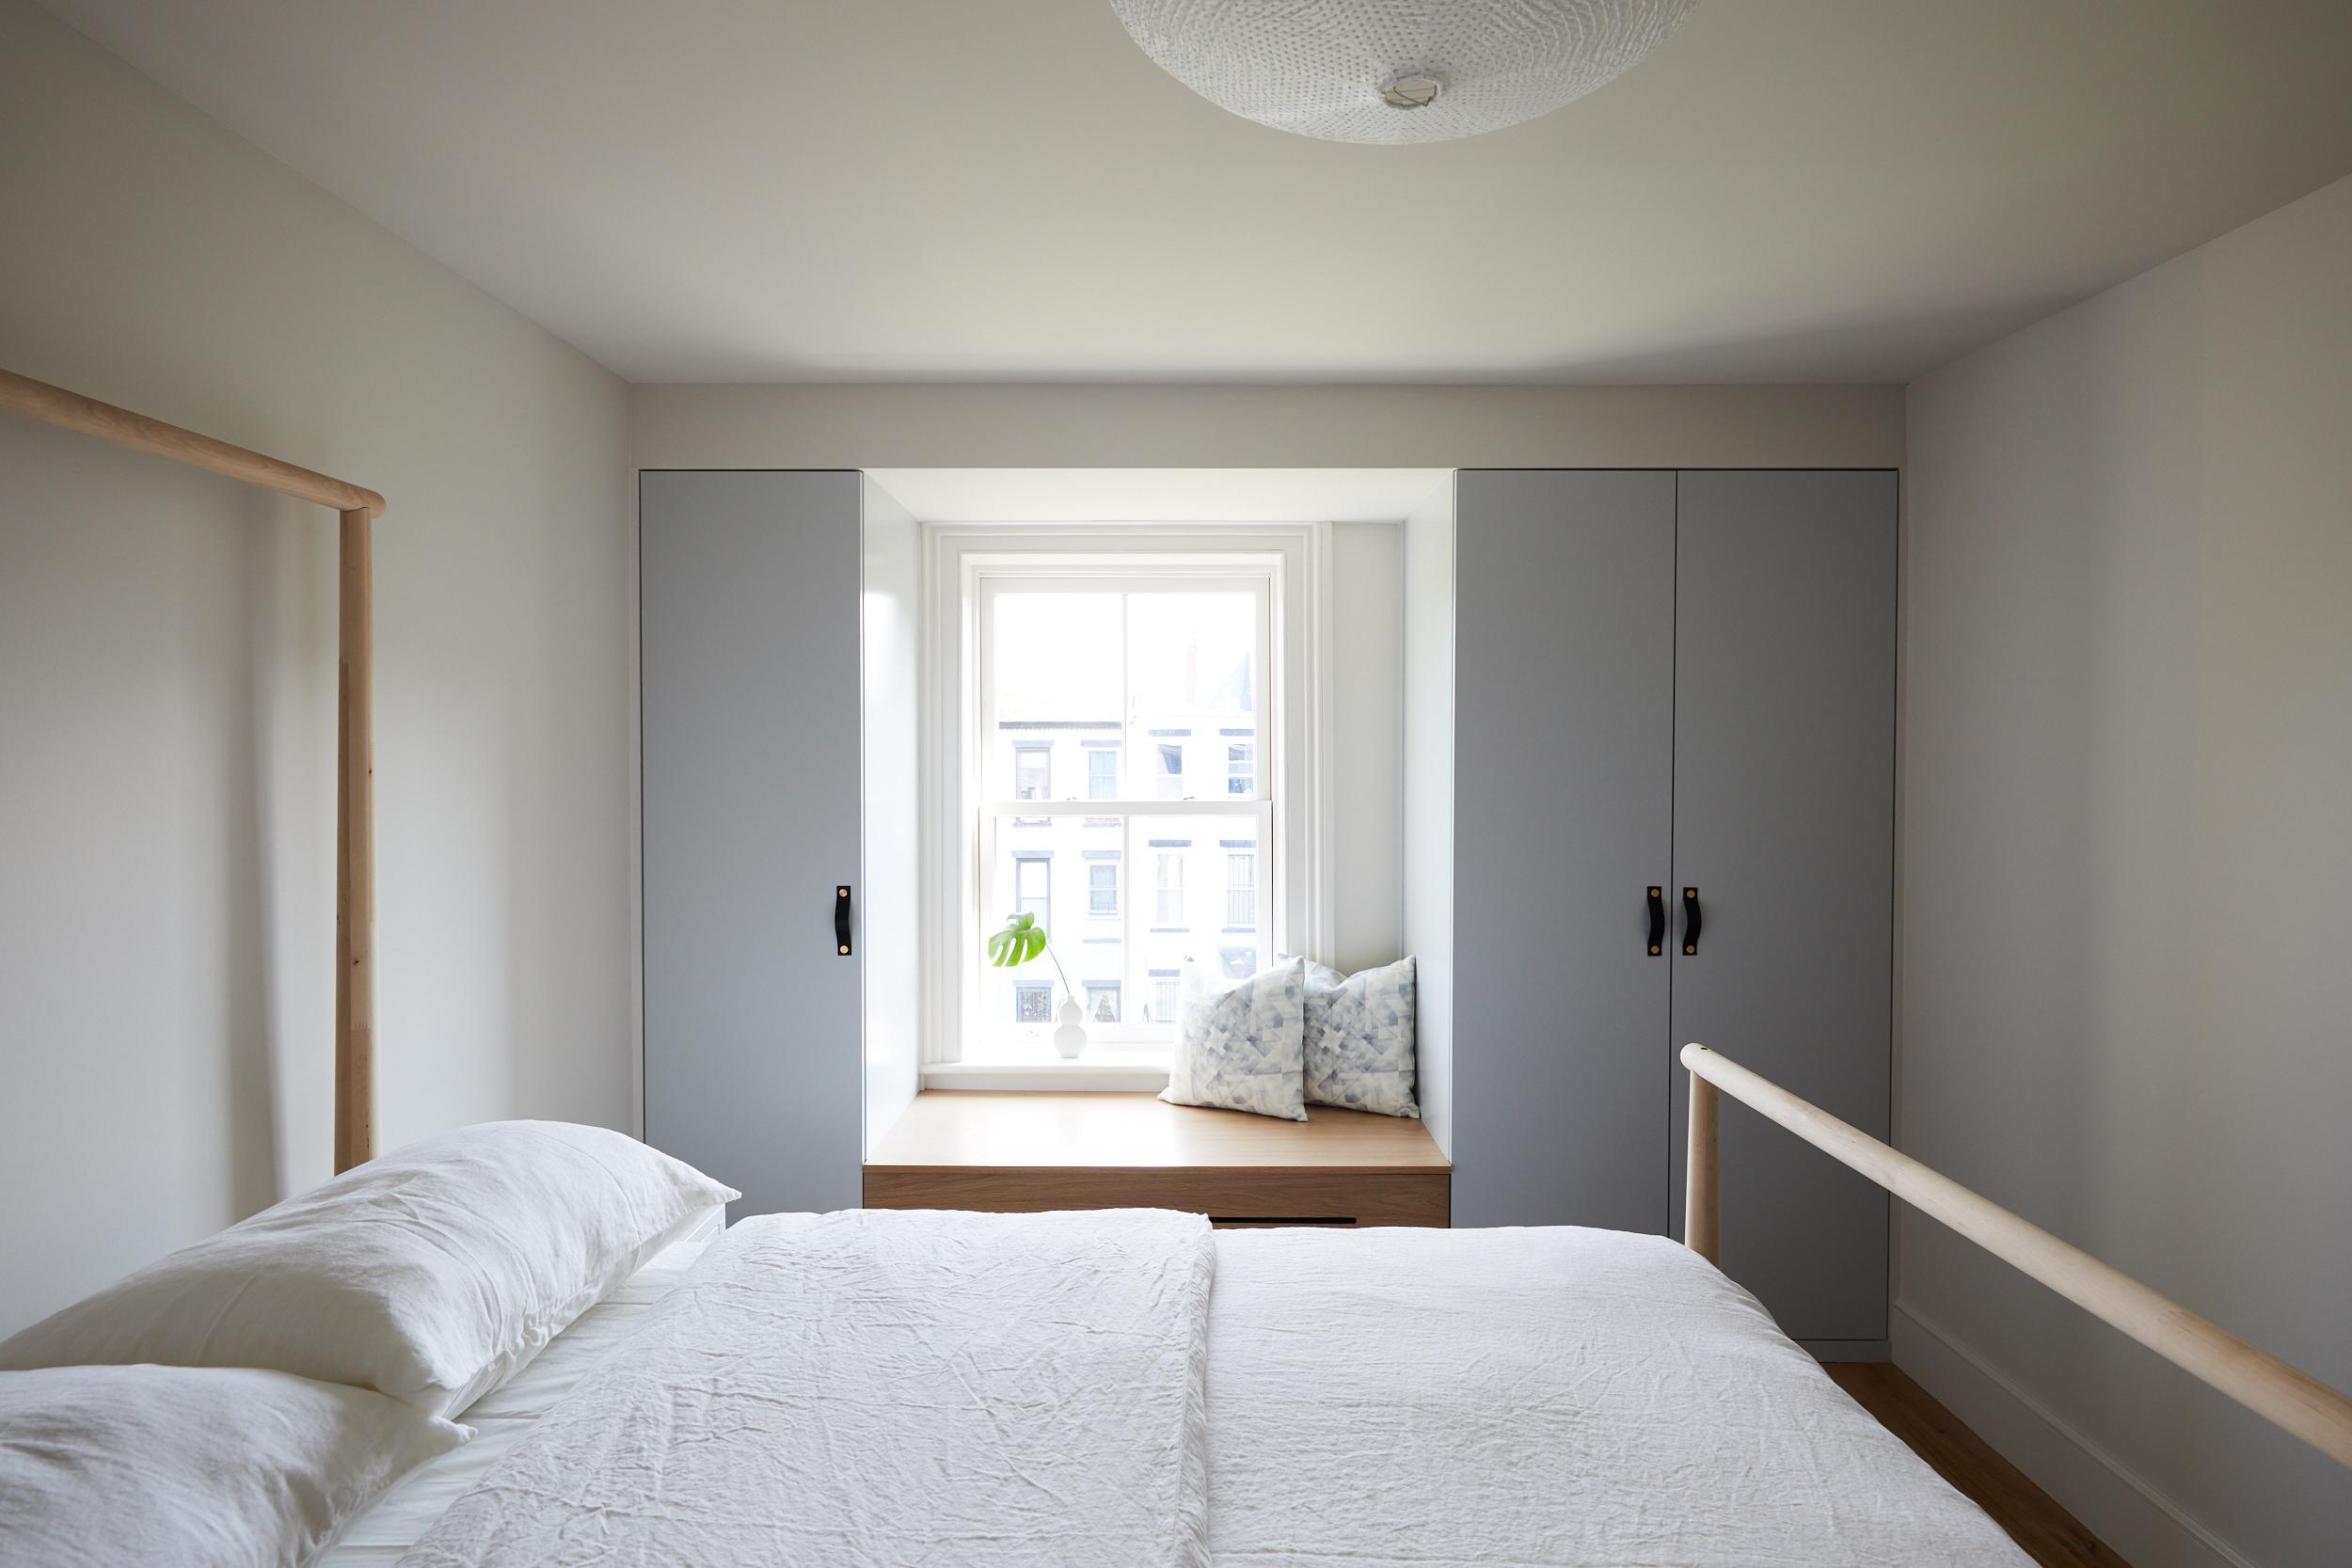 Slope_Townhouse_Bedrooms_3rd_Floor_018.jpg